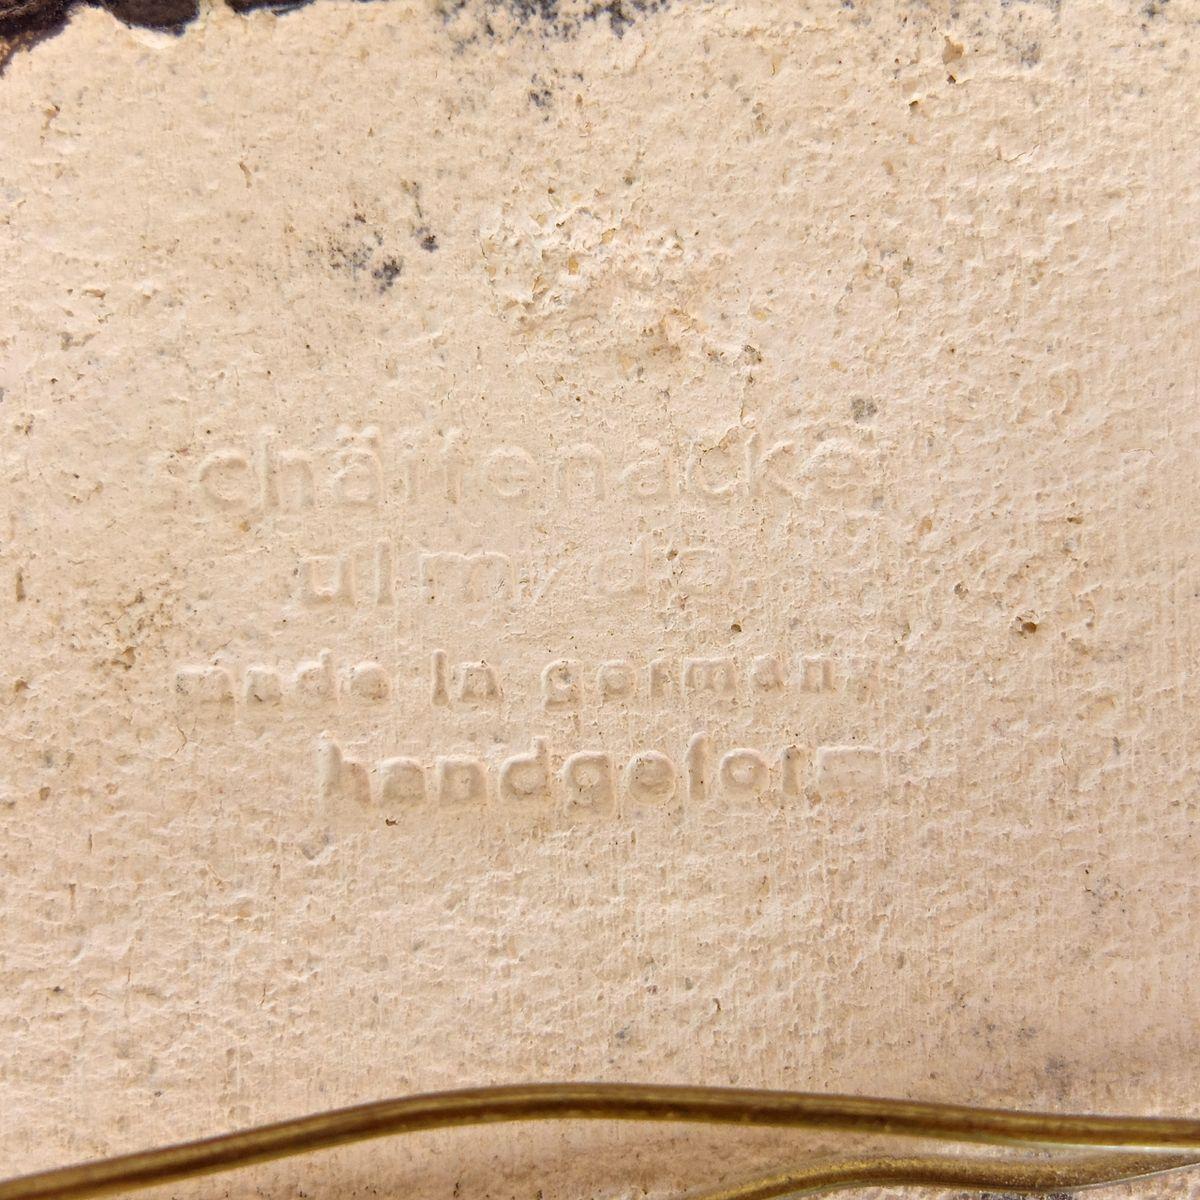 Carreaux muraux vintage en c ramique par h f for Carreaux muraux